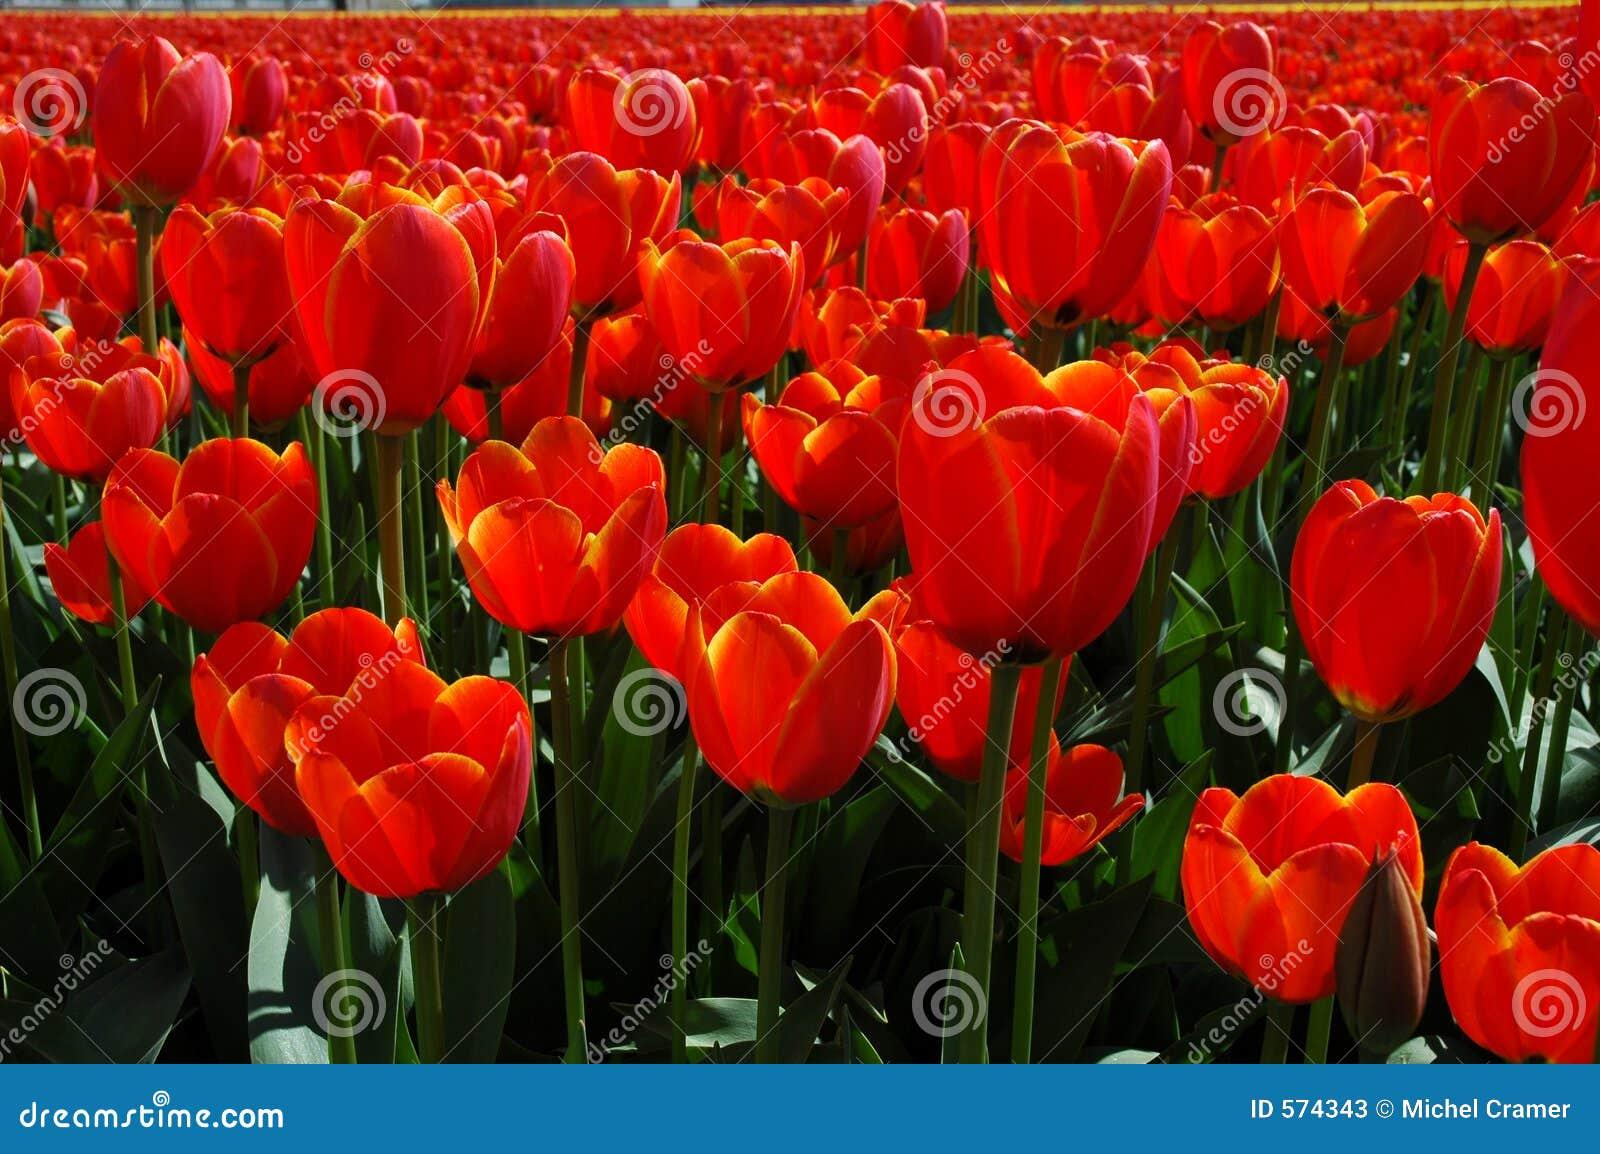 Tulipani arancioni in primavera immagine stock immagine for Tulipani arancioni